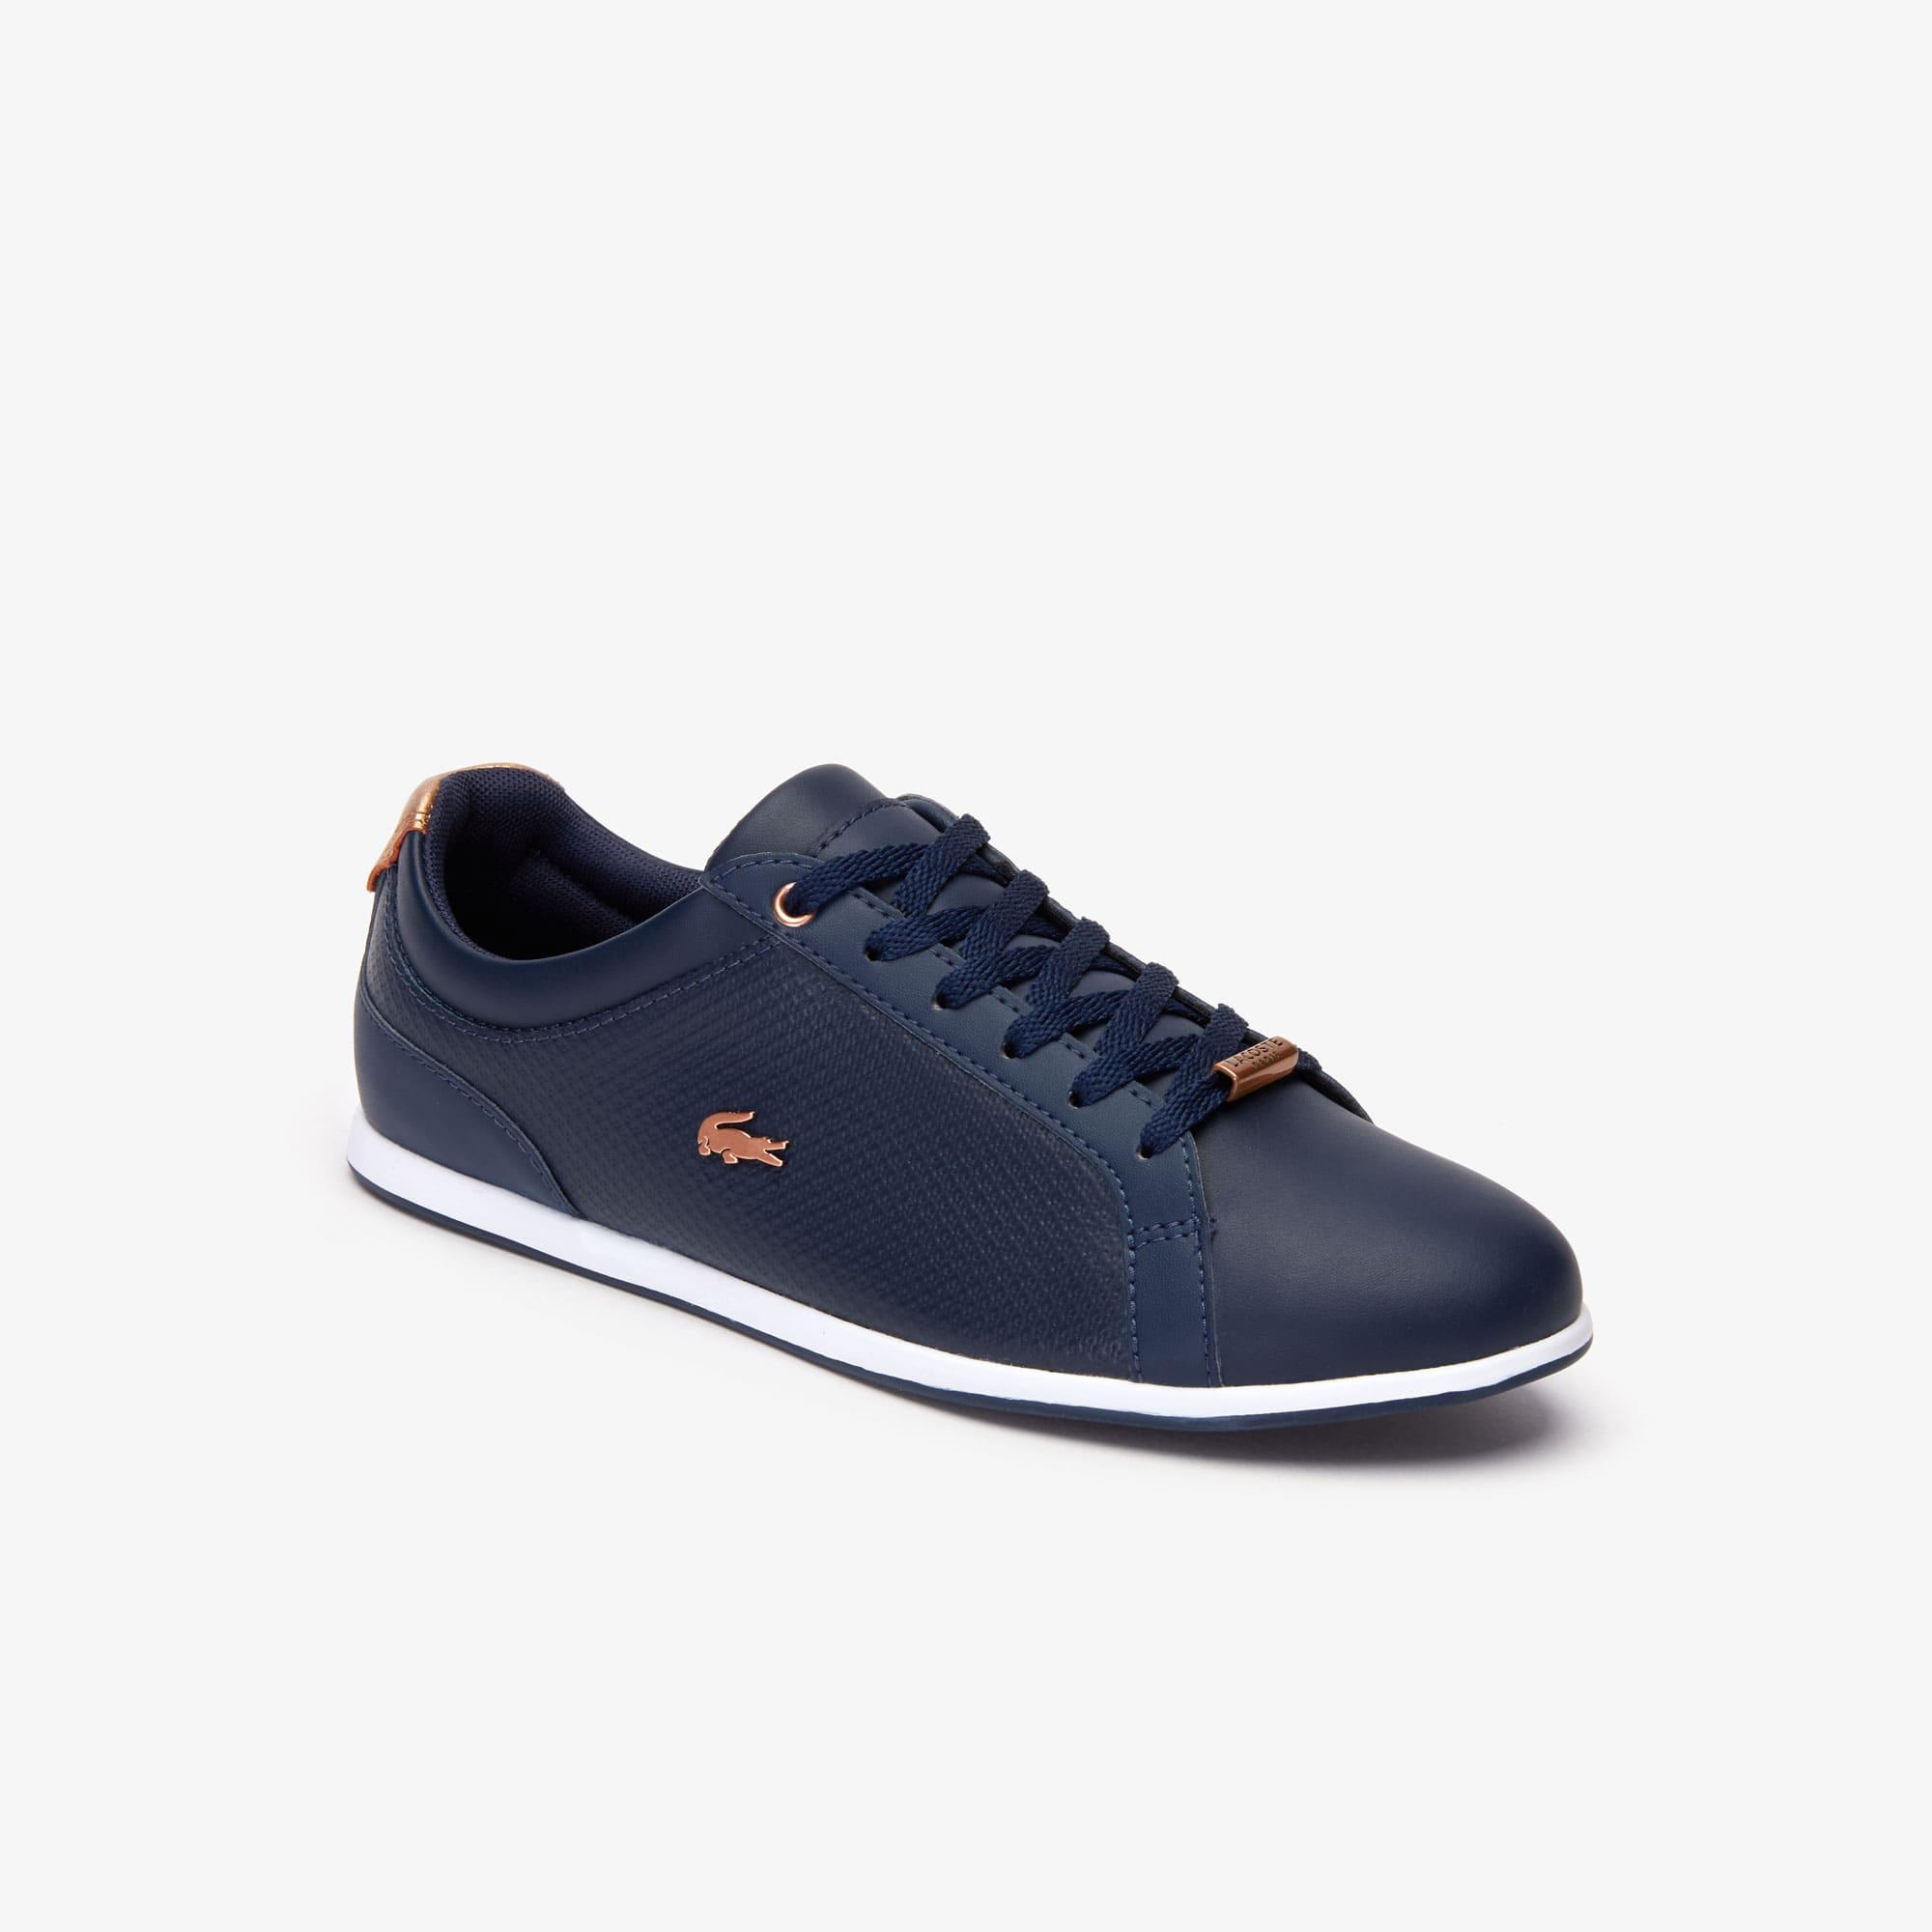 87b45b0a45da Polos, Kleidung und Lederwaren Online | LACOSTE